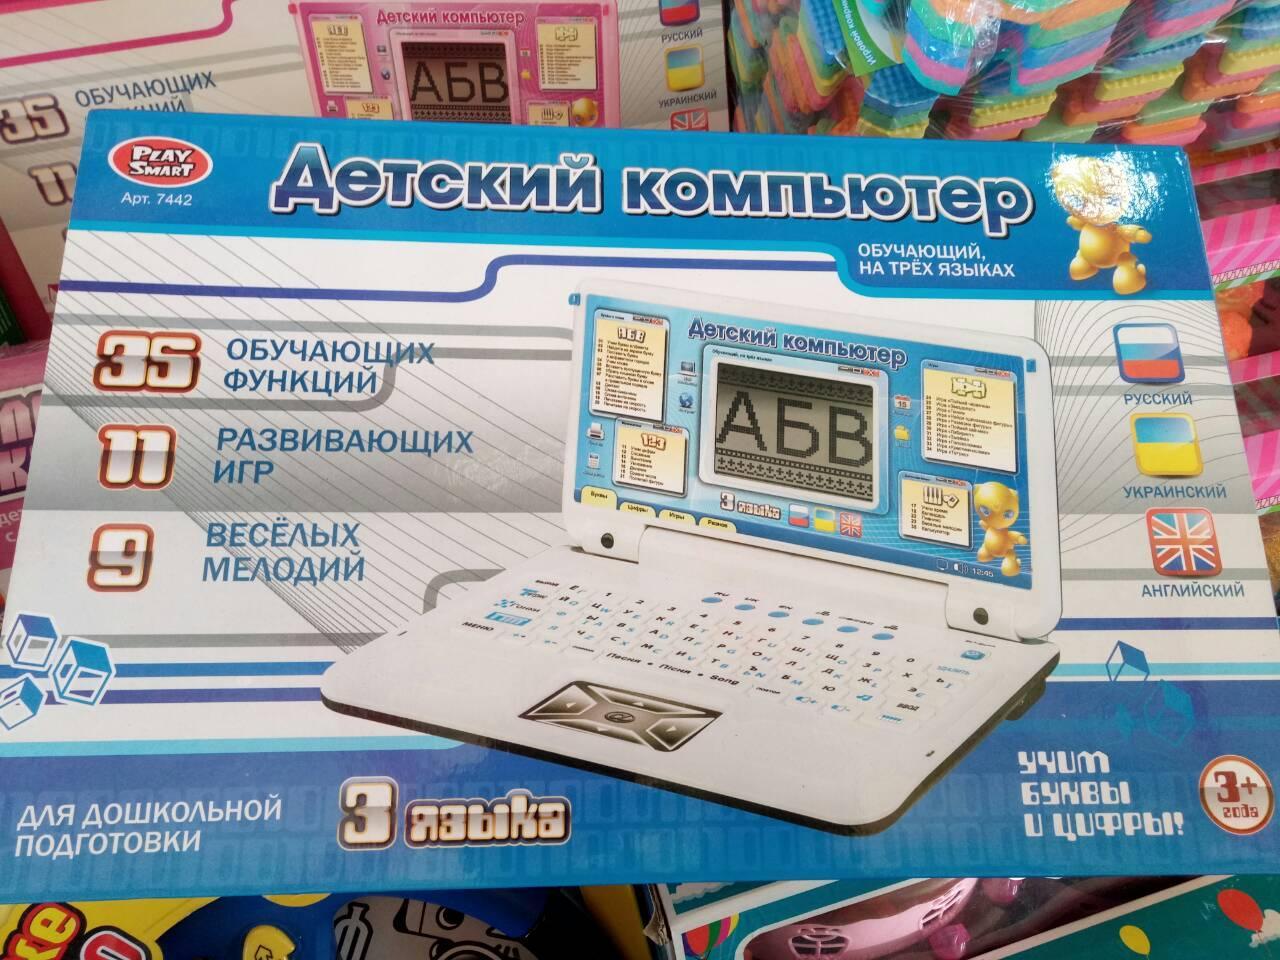 Детский компьютер ноутбук 3 языка развивающие веселые игры и мелодии ЦВЕТ - РОЗОВЫЙ